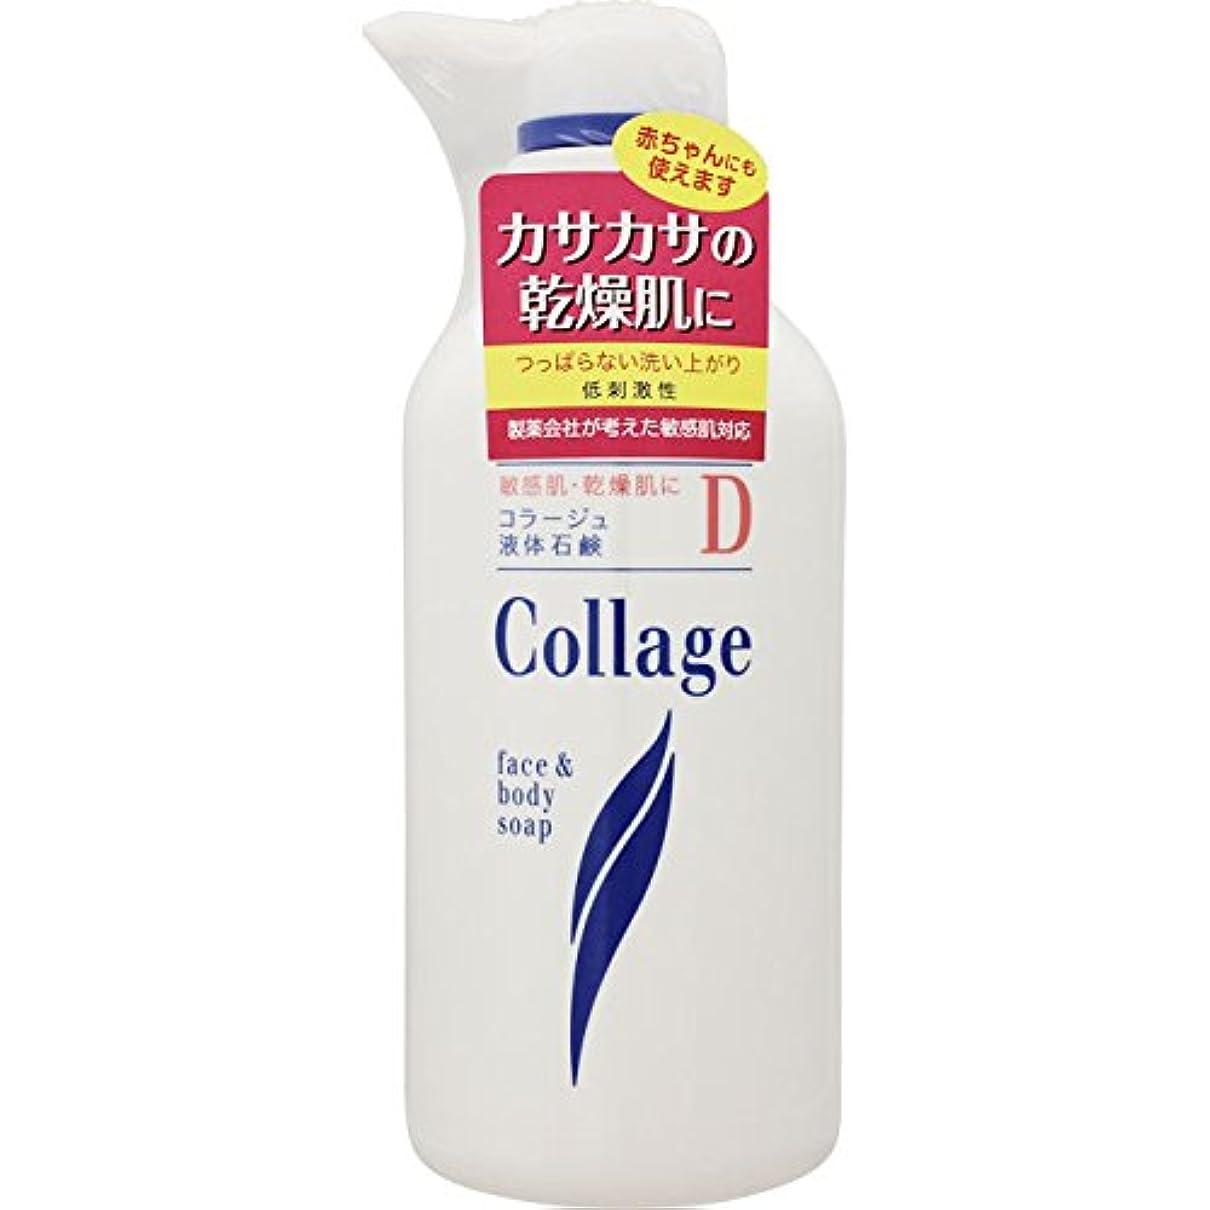 サミット上へ個性持田ヘルスケア コラージュD液体石鹸 400ml